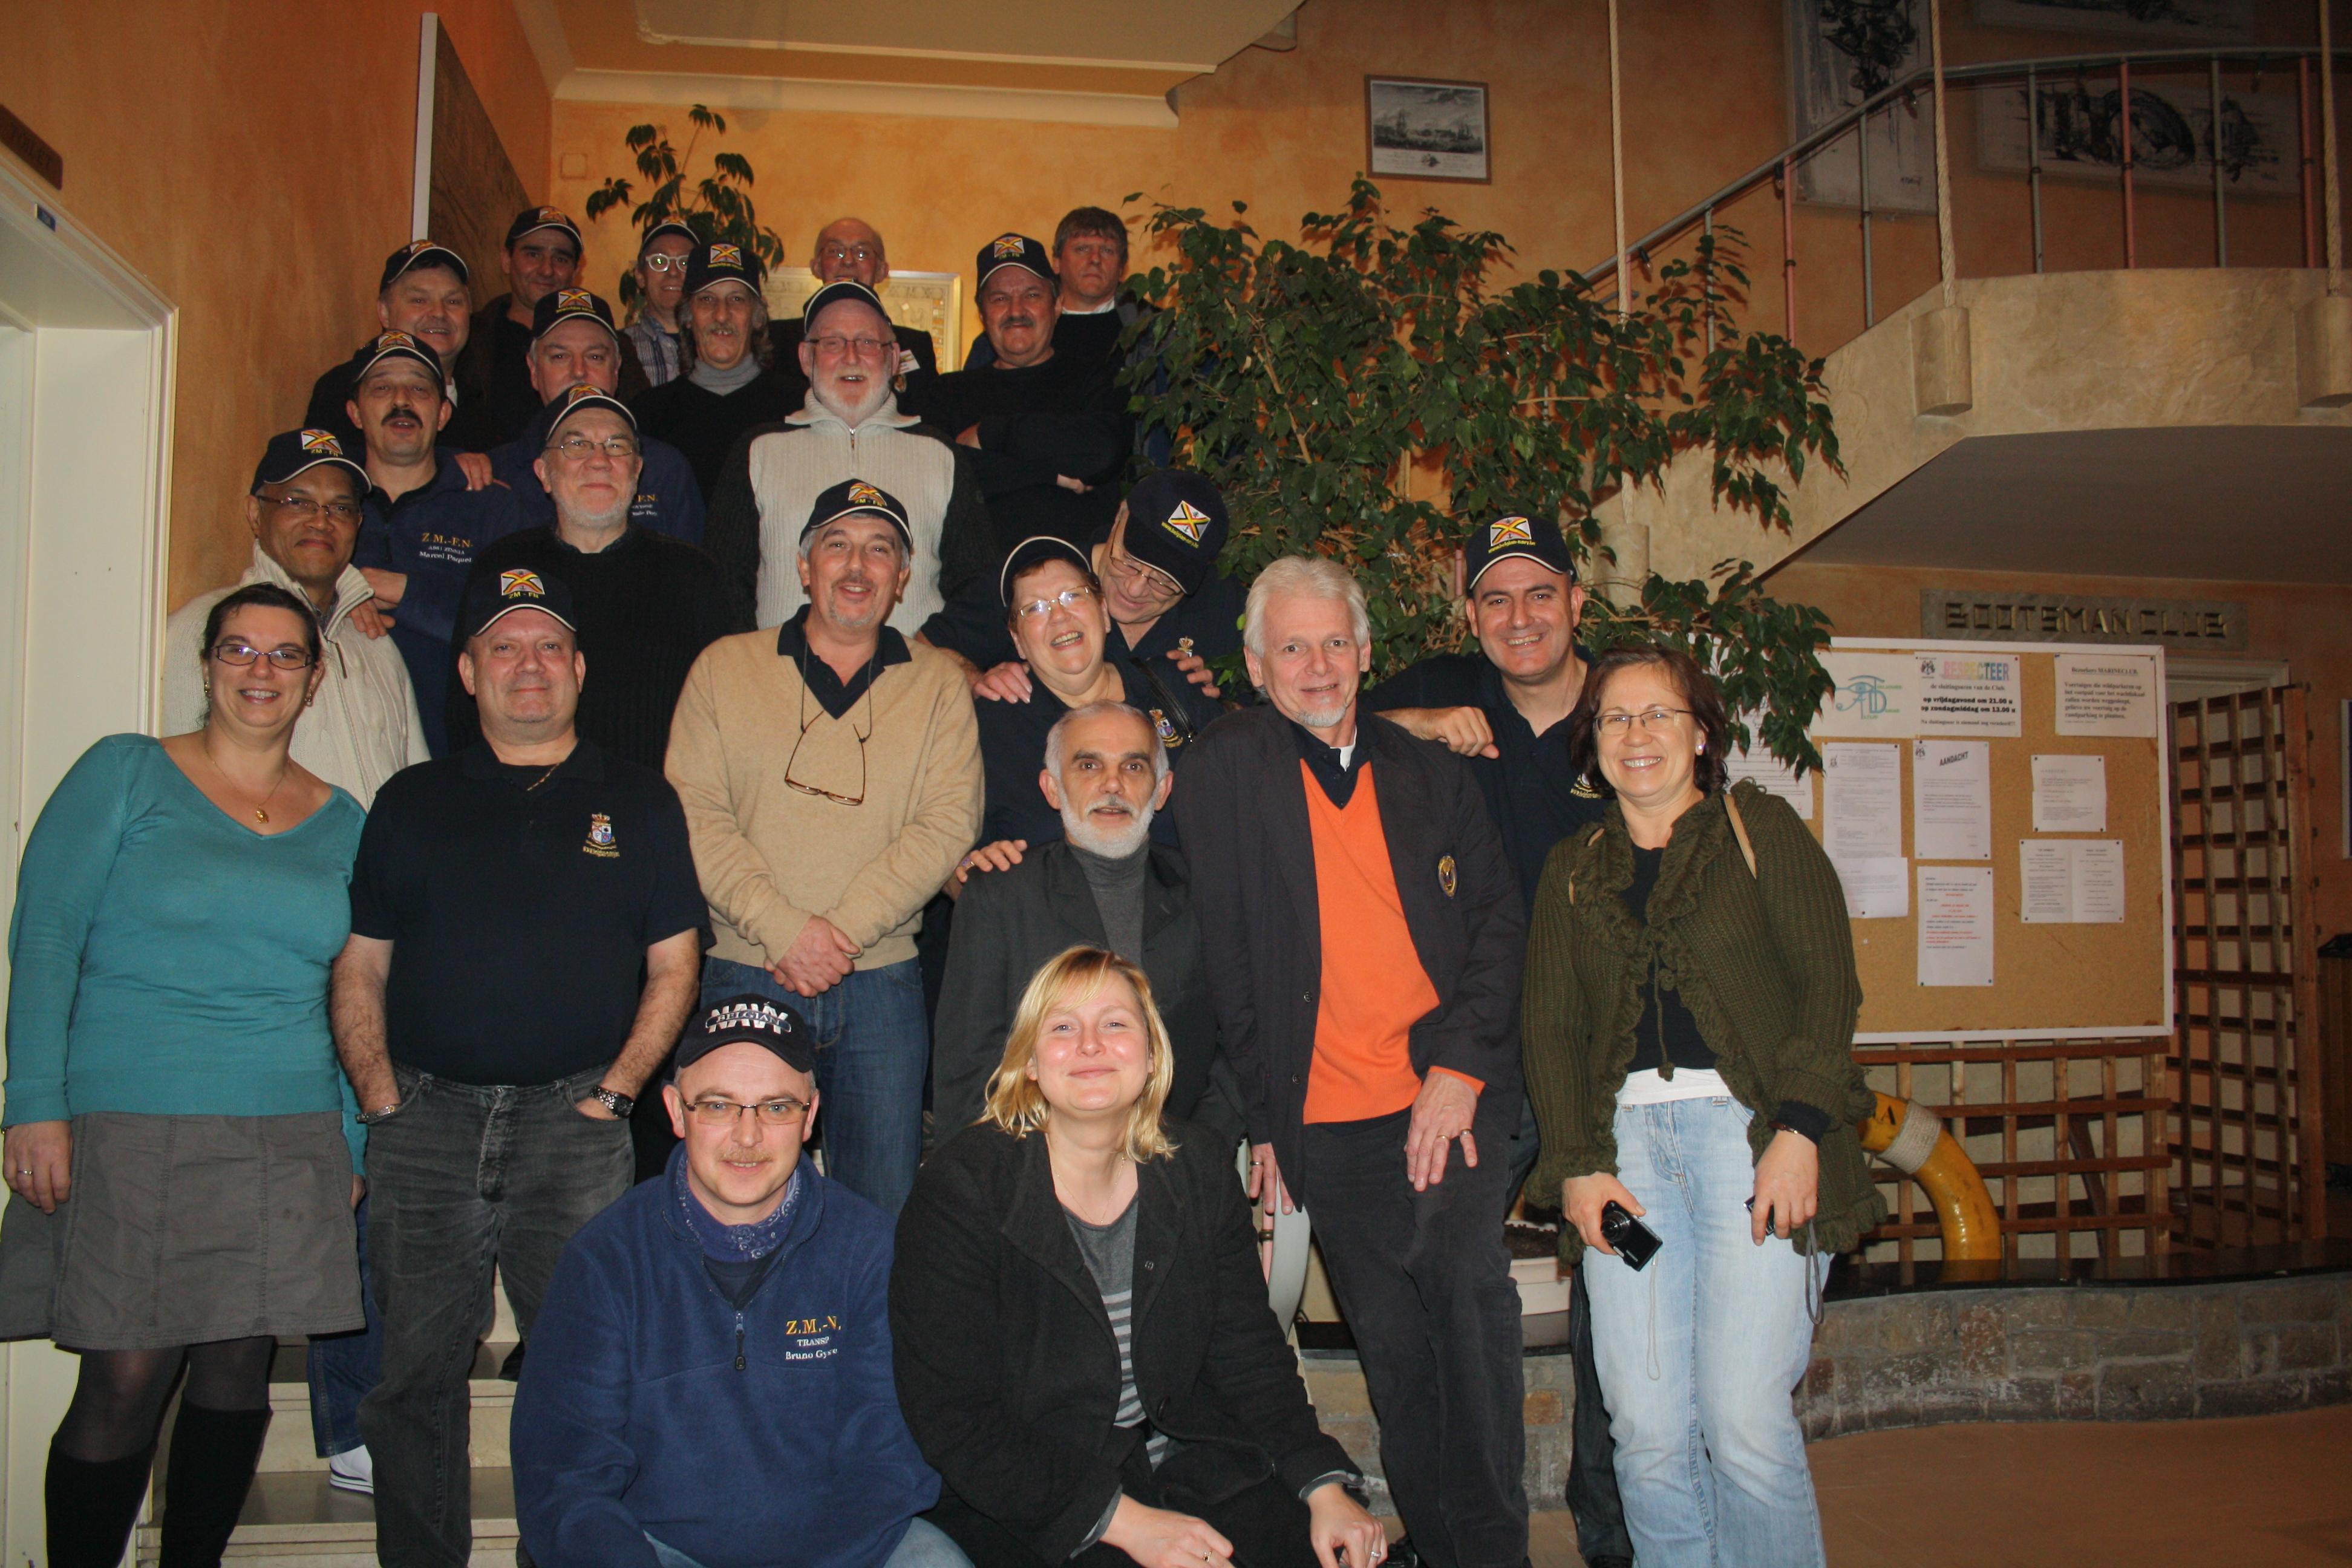 Réunion à Ostende le 26 février 2011 1102271234131095837720584